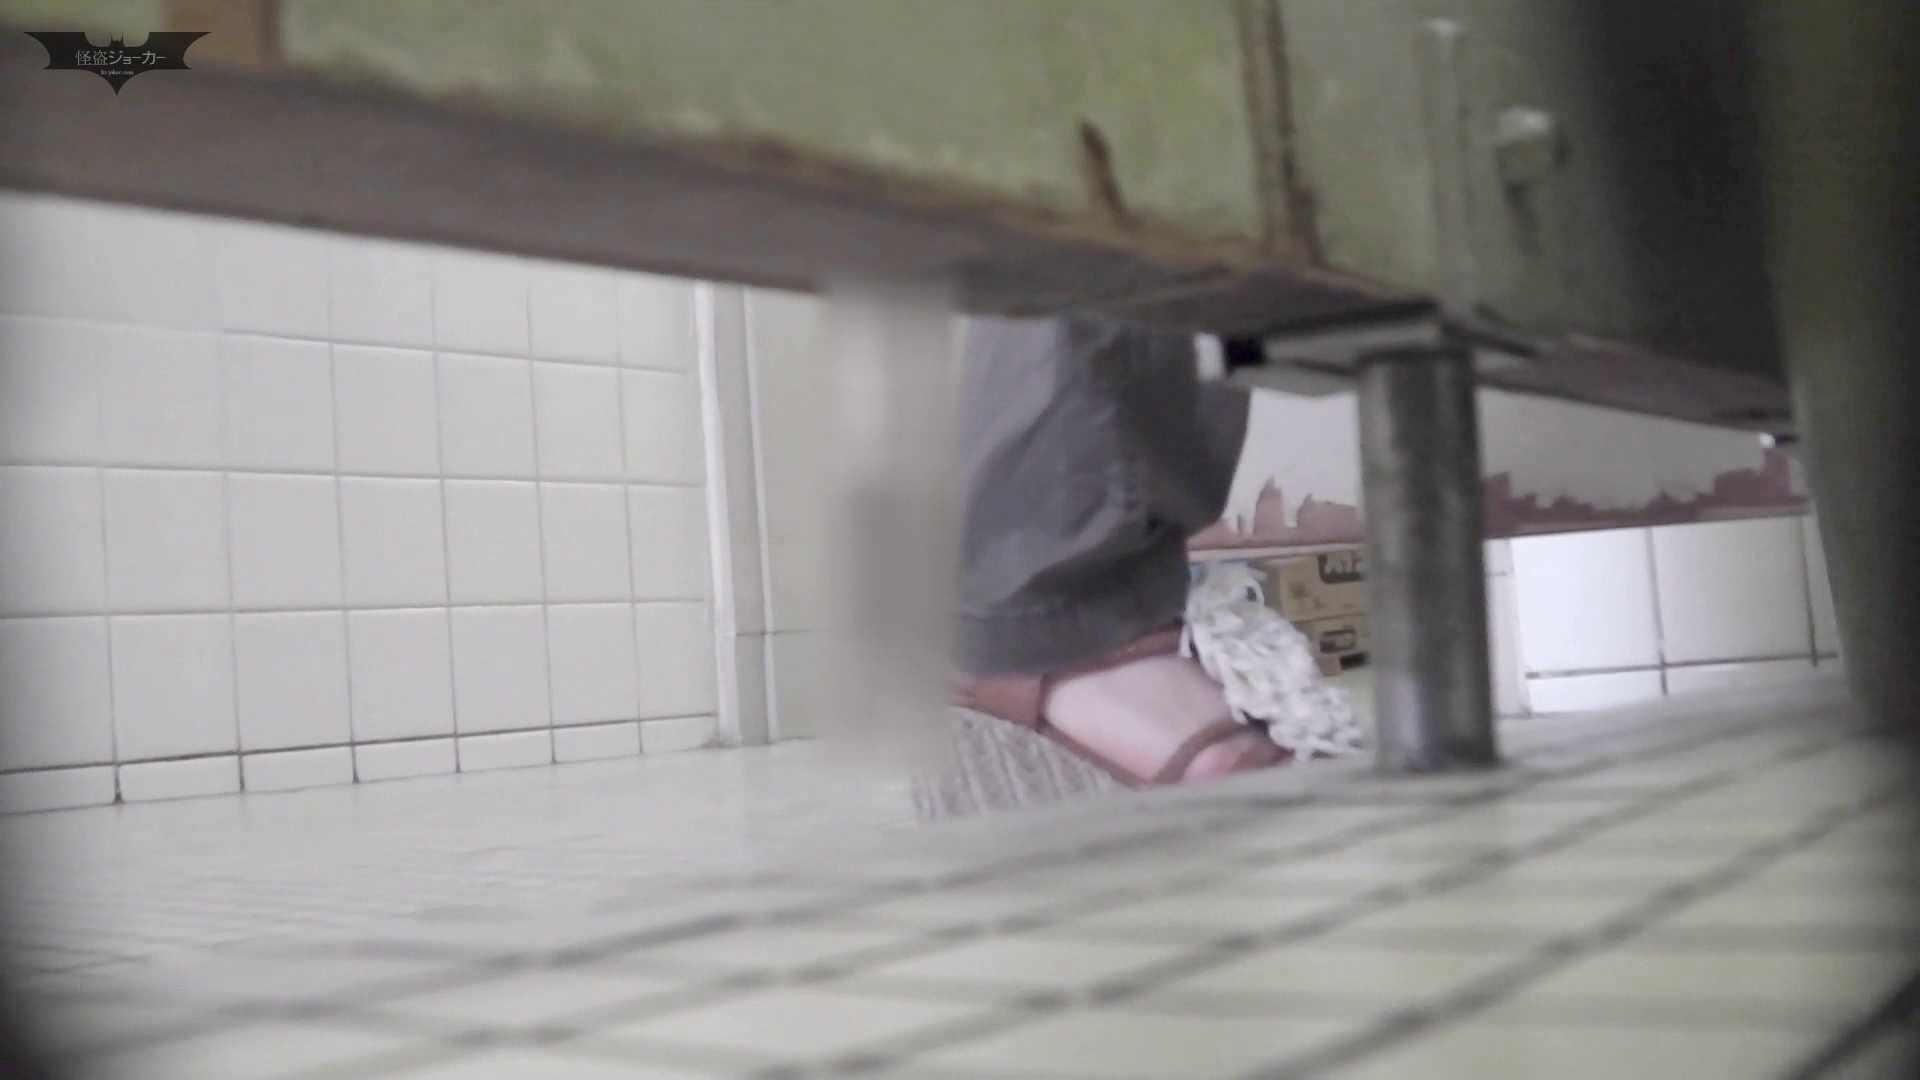 無修正エロ動画 ▲復活限定D▲洗面所特攻隊 vol.62 ピチピチの若さ! In JAPAN 怪盗ジョーカー